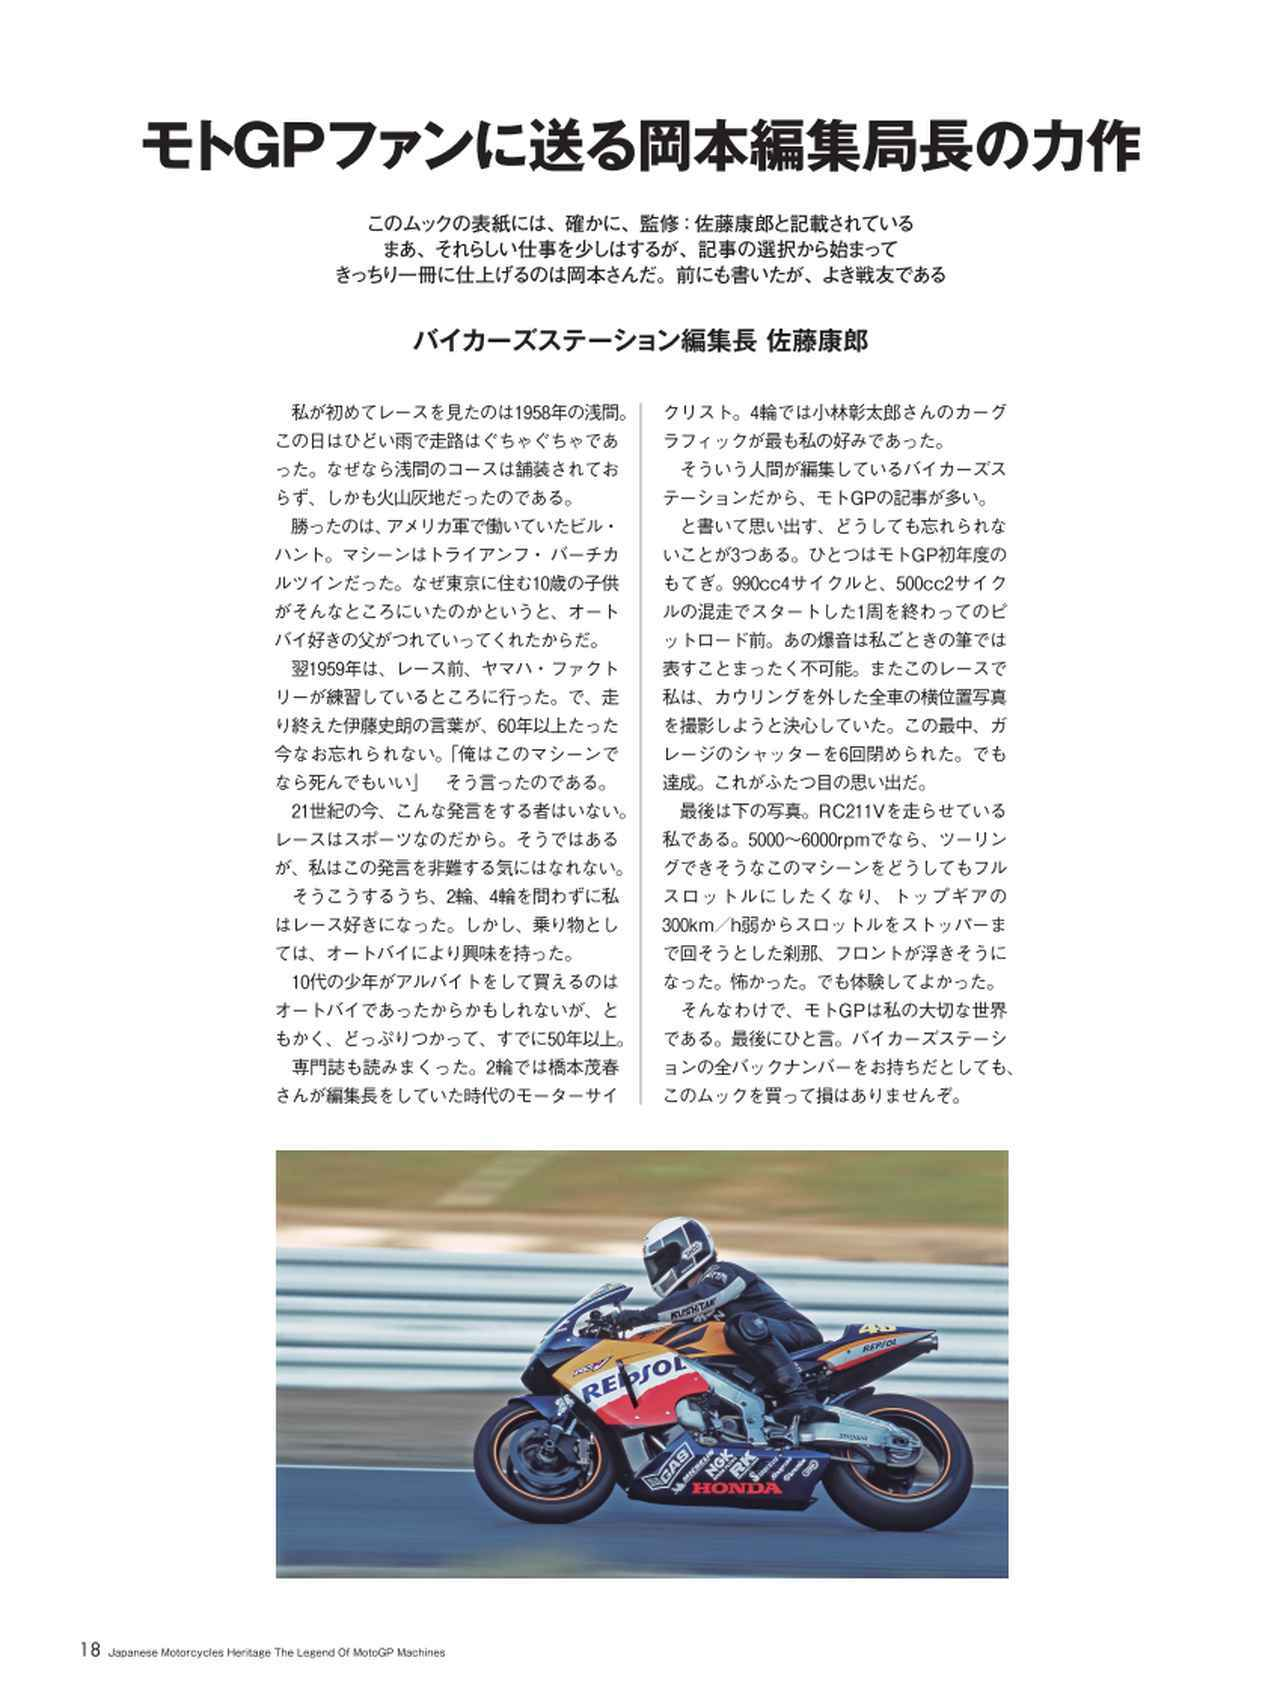 【新刊情報】全てのバイクレースファン必見!MotoGP開幕前に読んでおきたい「日本のバイク遺産 MotoGP伝 1」が2020年1月31日に発売!